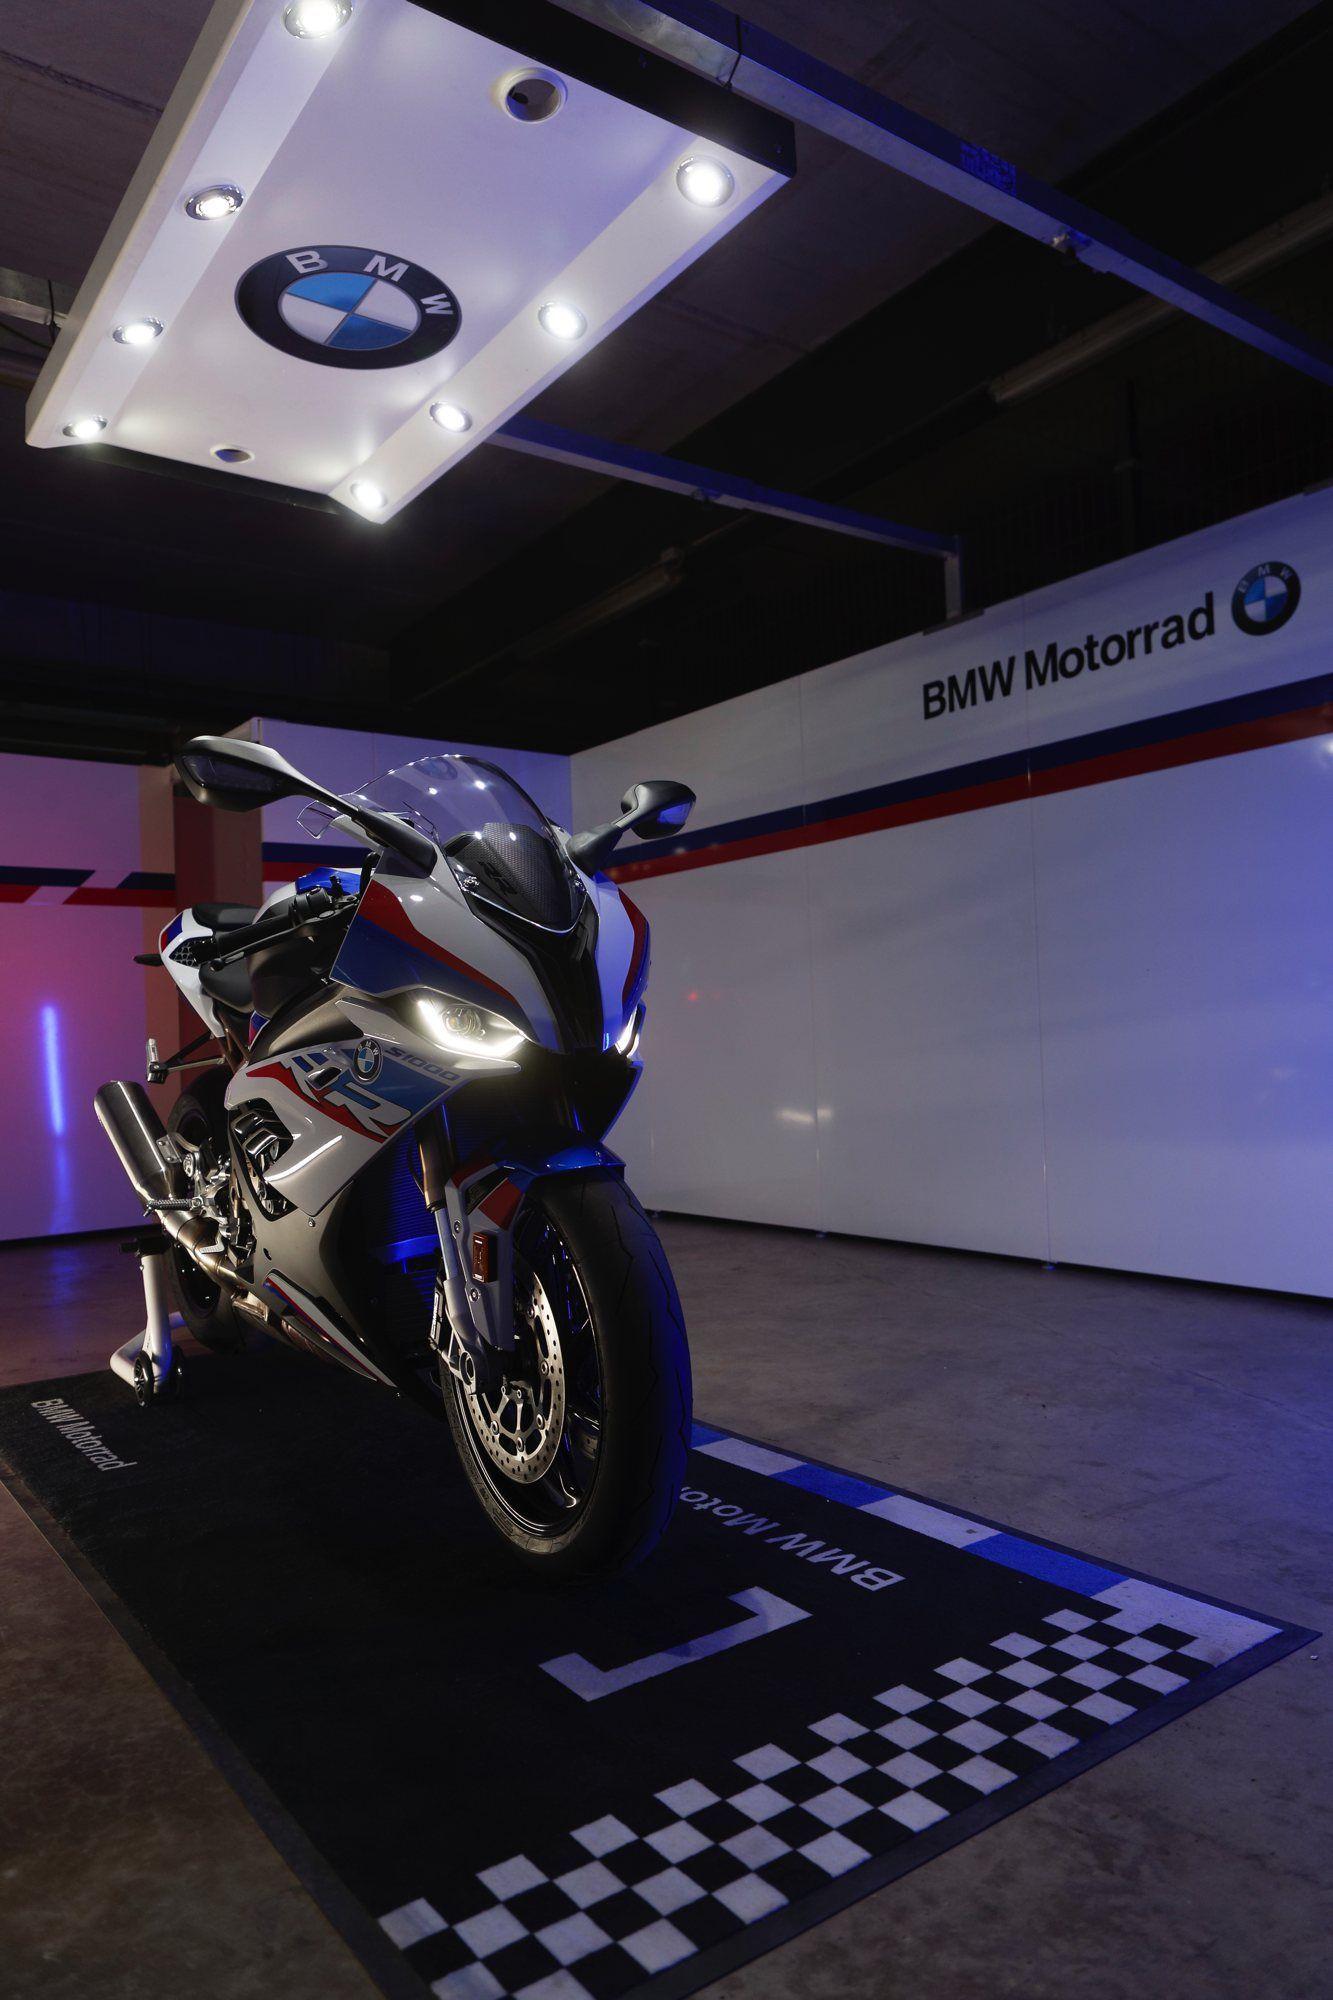 Die Neue Bmw S 1000 Rr Dampfhammer Mit 207 Ps Bestmotorcyclesmotorbikes Bmw Dampfhammer Die Mit Neue 2020 Bmw S1000rr